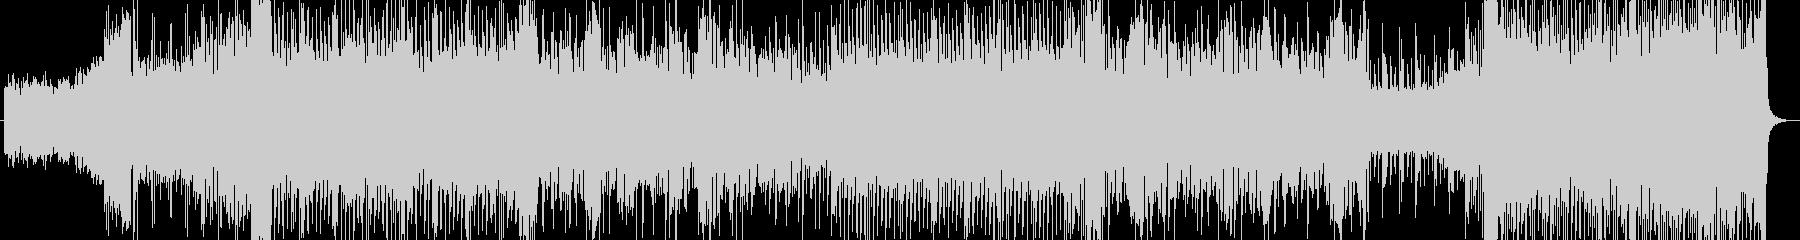 ダークなハウス調の未再生の波形